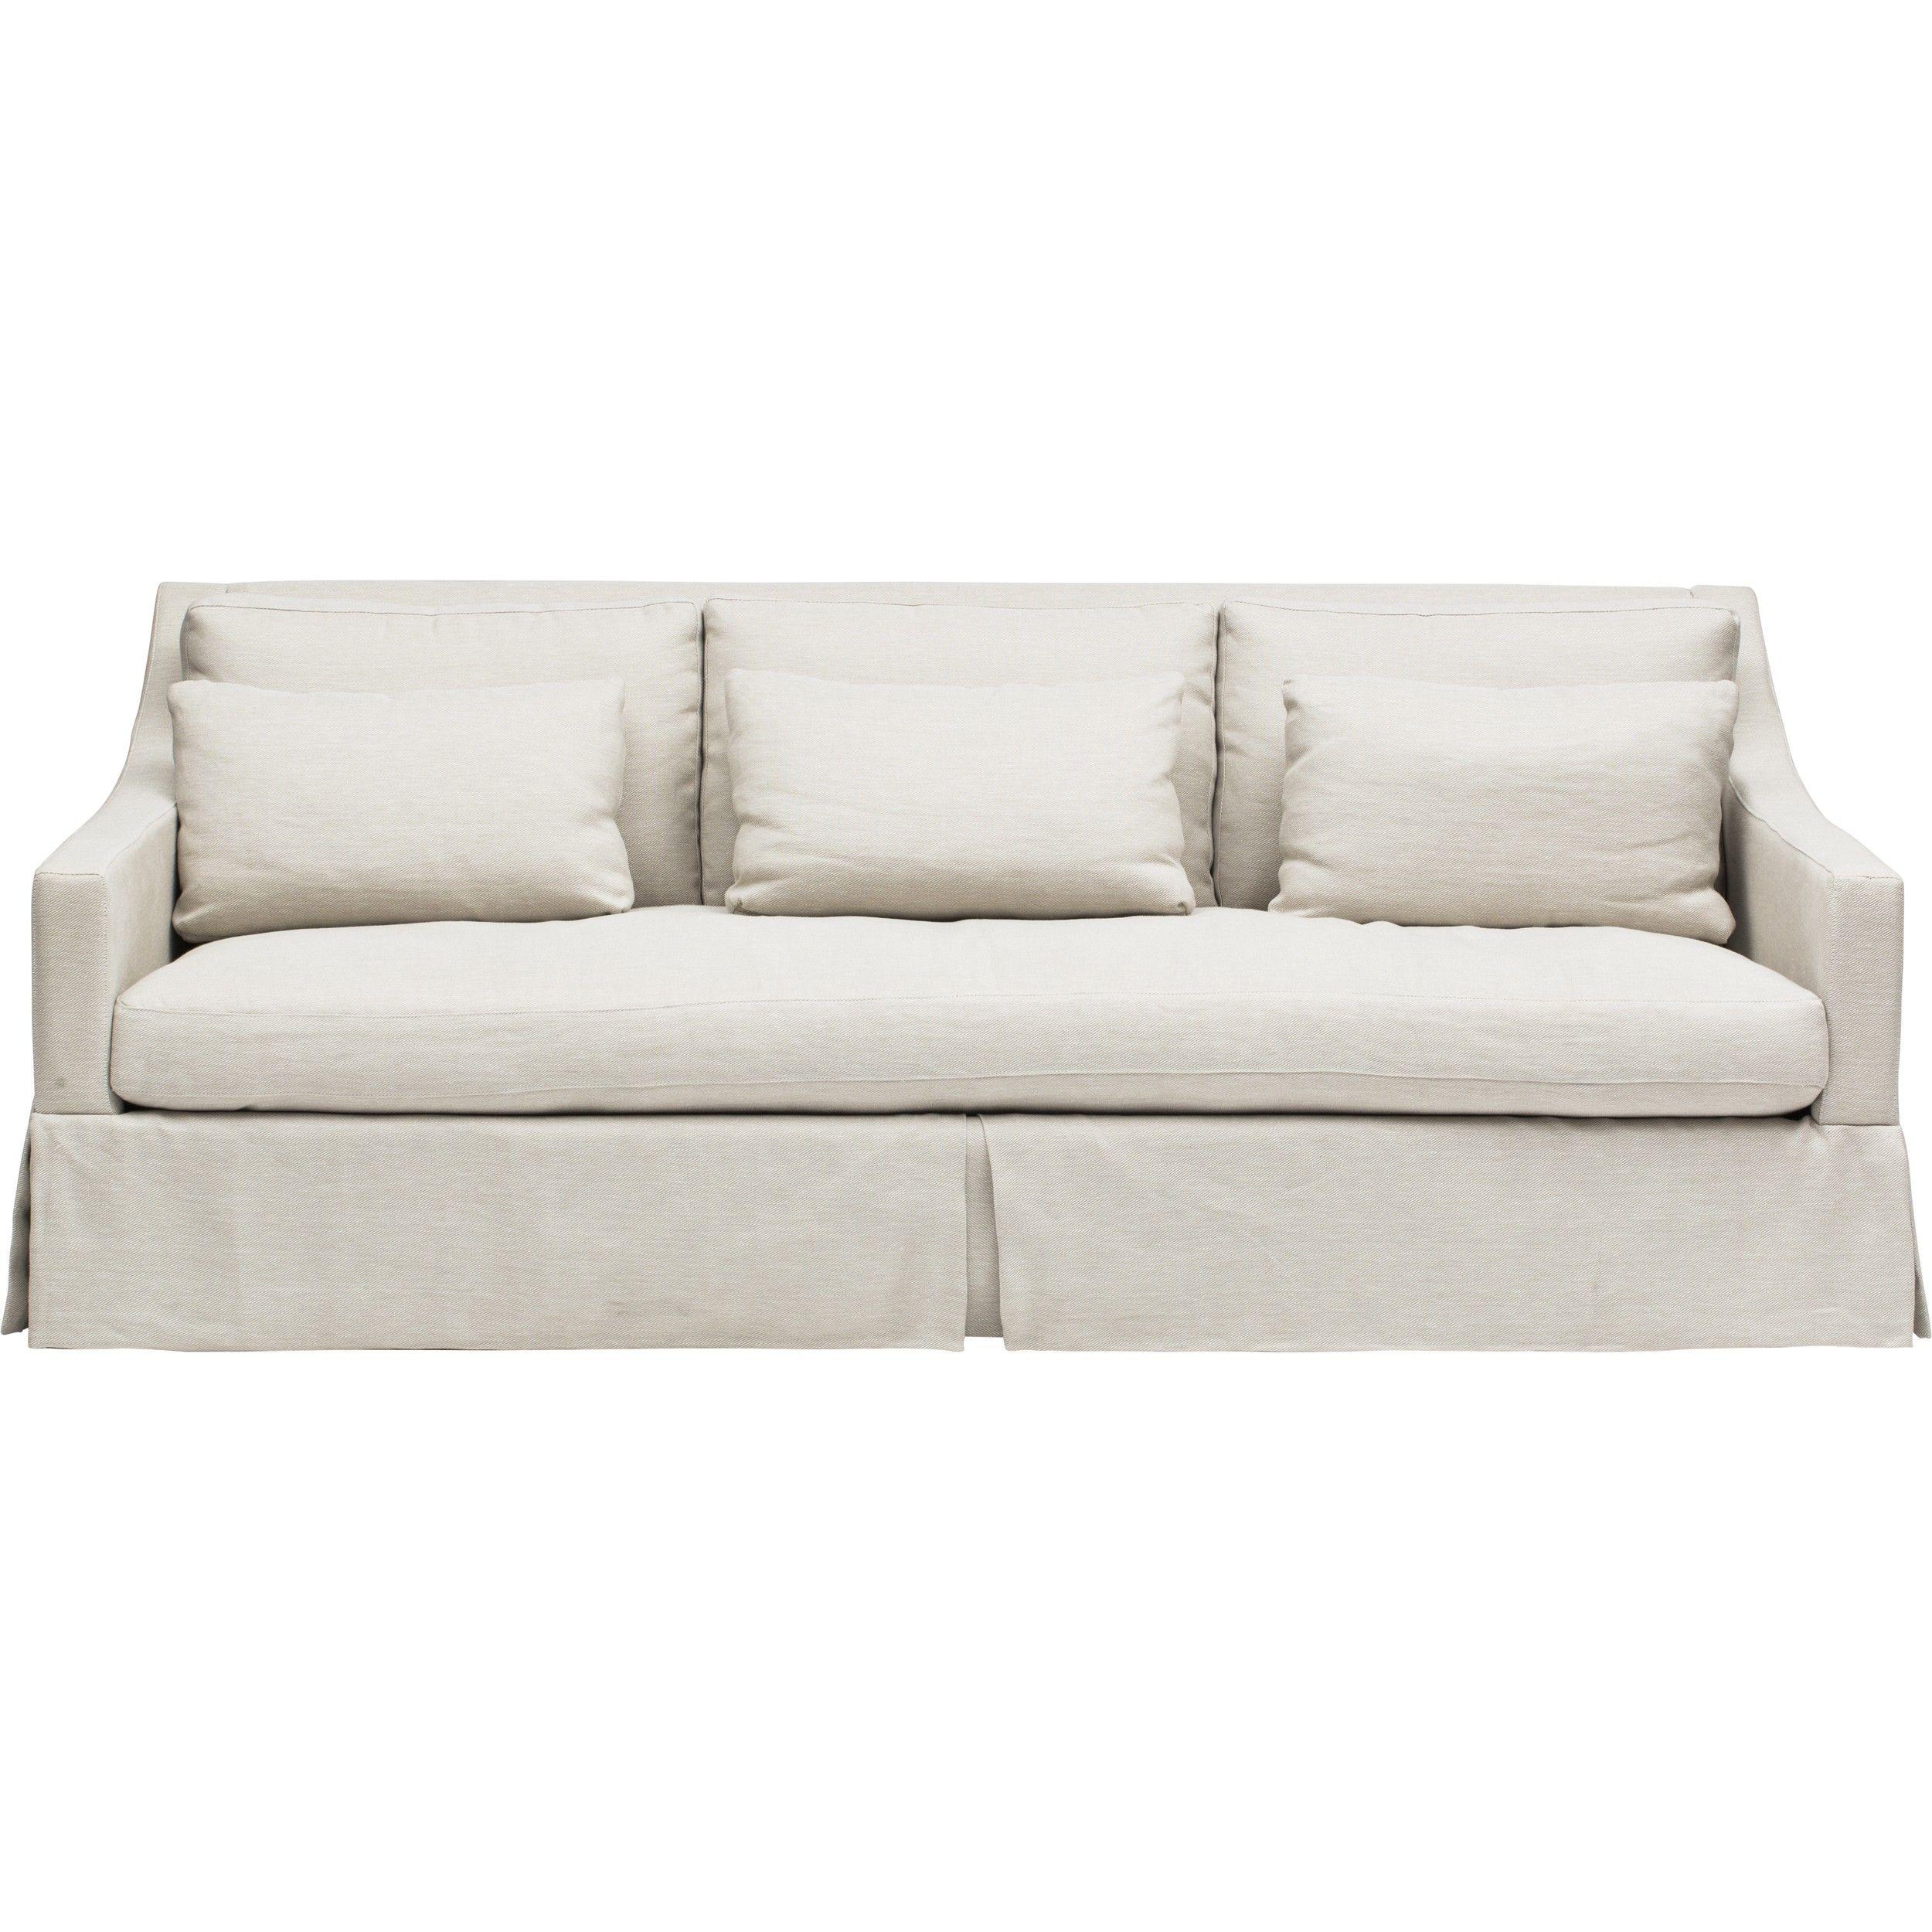 Bernhardt Albion sofa